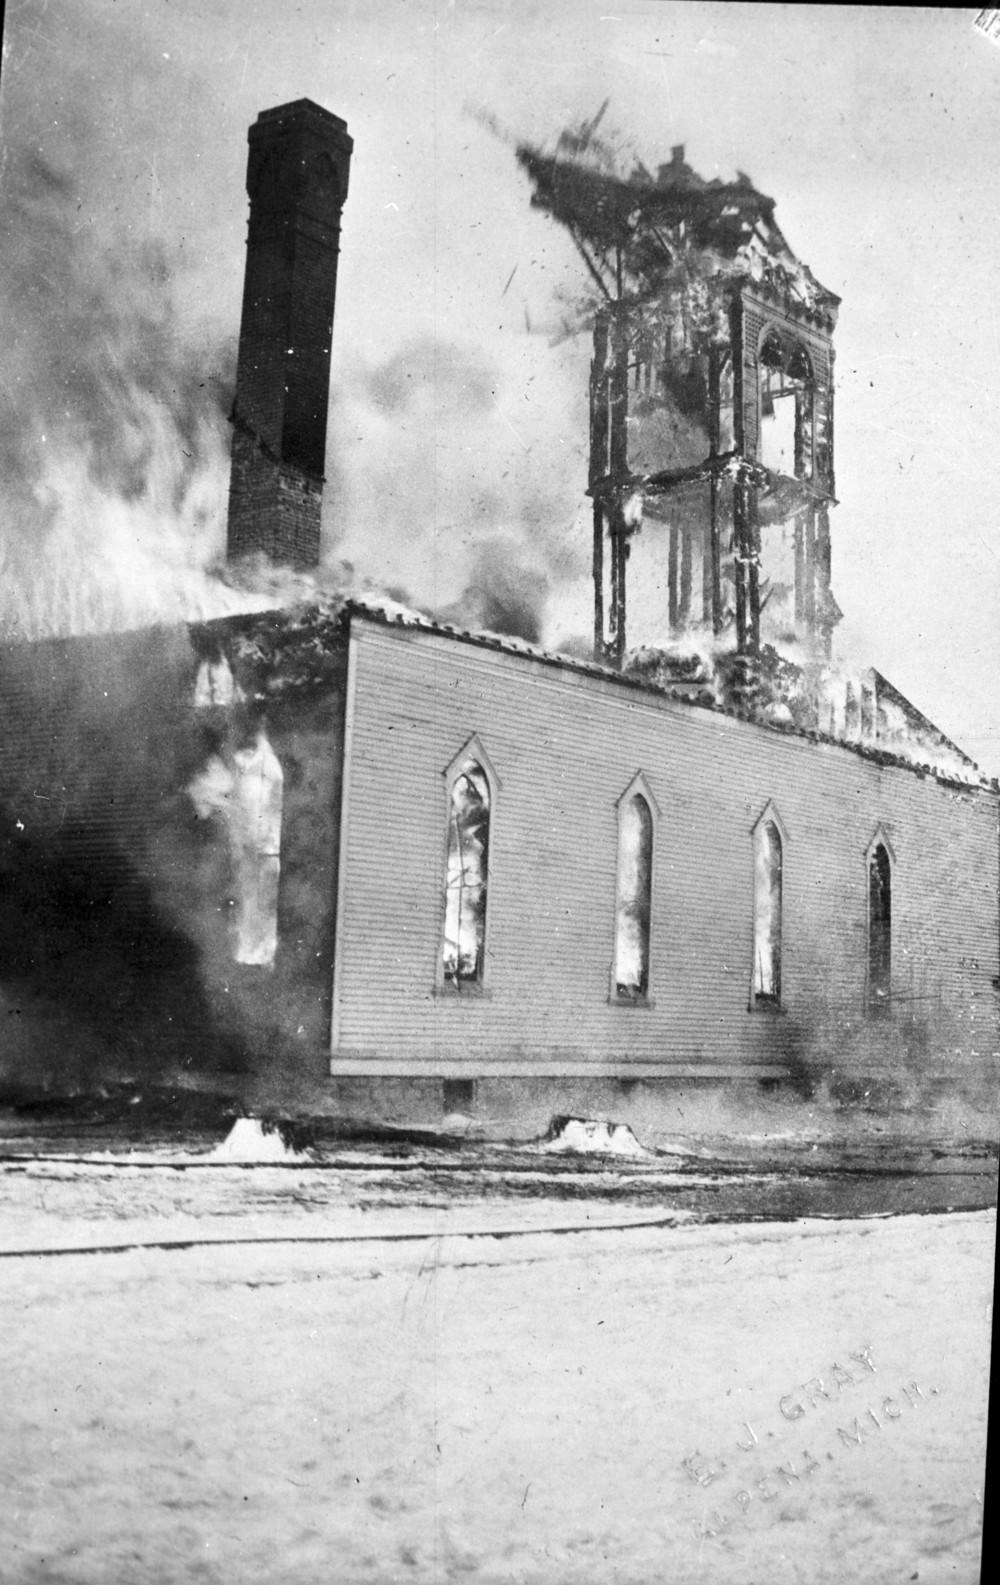 St. Paul Lutheran Church Fire